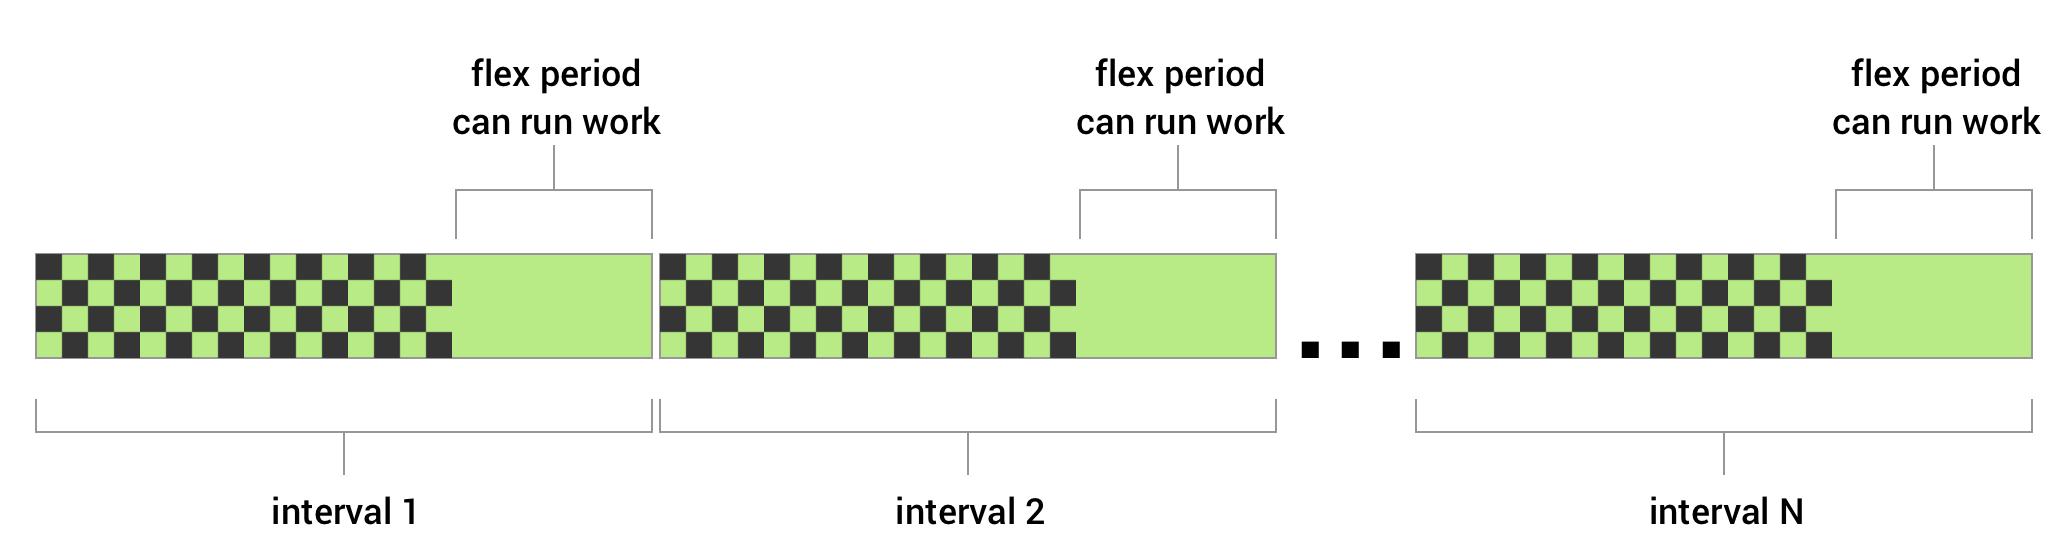 您可以为定期作业设置一个灵活间隔。您要定义一个重复间隔,然后再定义一个灵活间隔(指定一个在重复间隔末尾开始的具体时间段)。WorkManager 会尝试在每个周期的灵活间隔内运行作业。